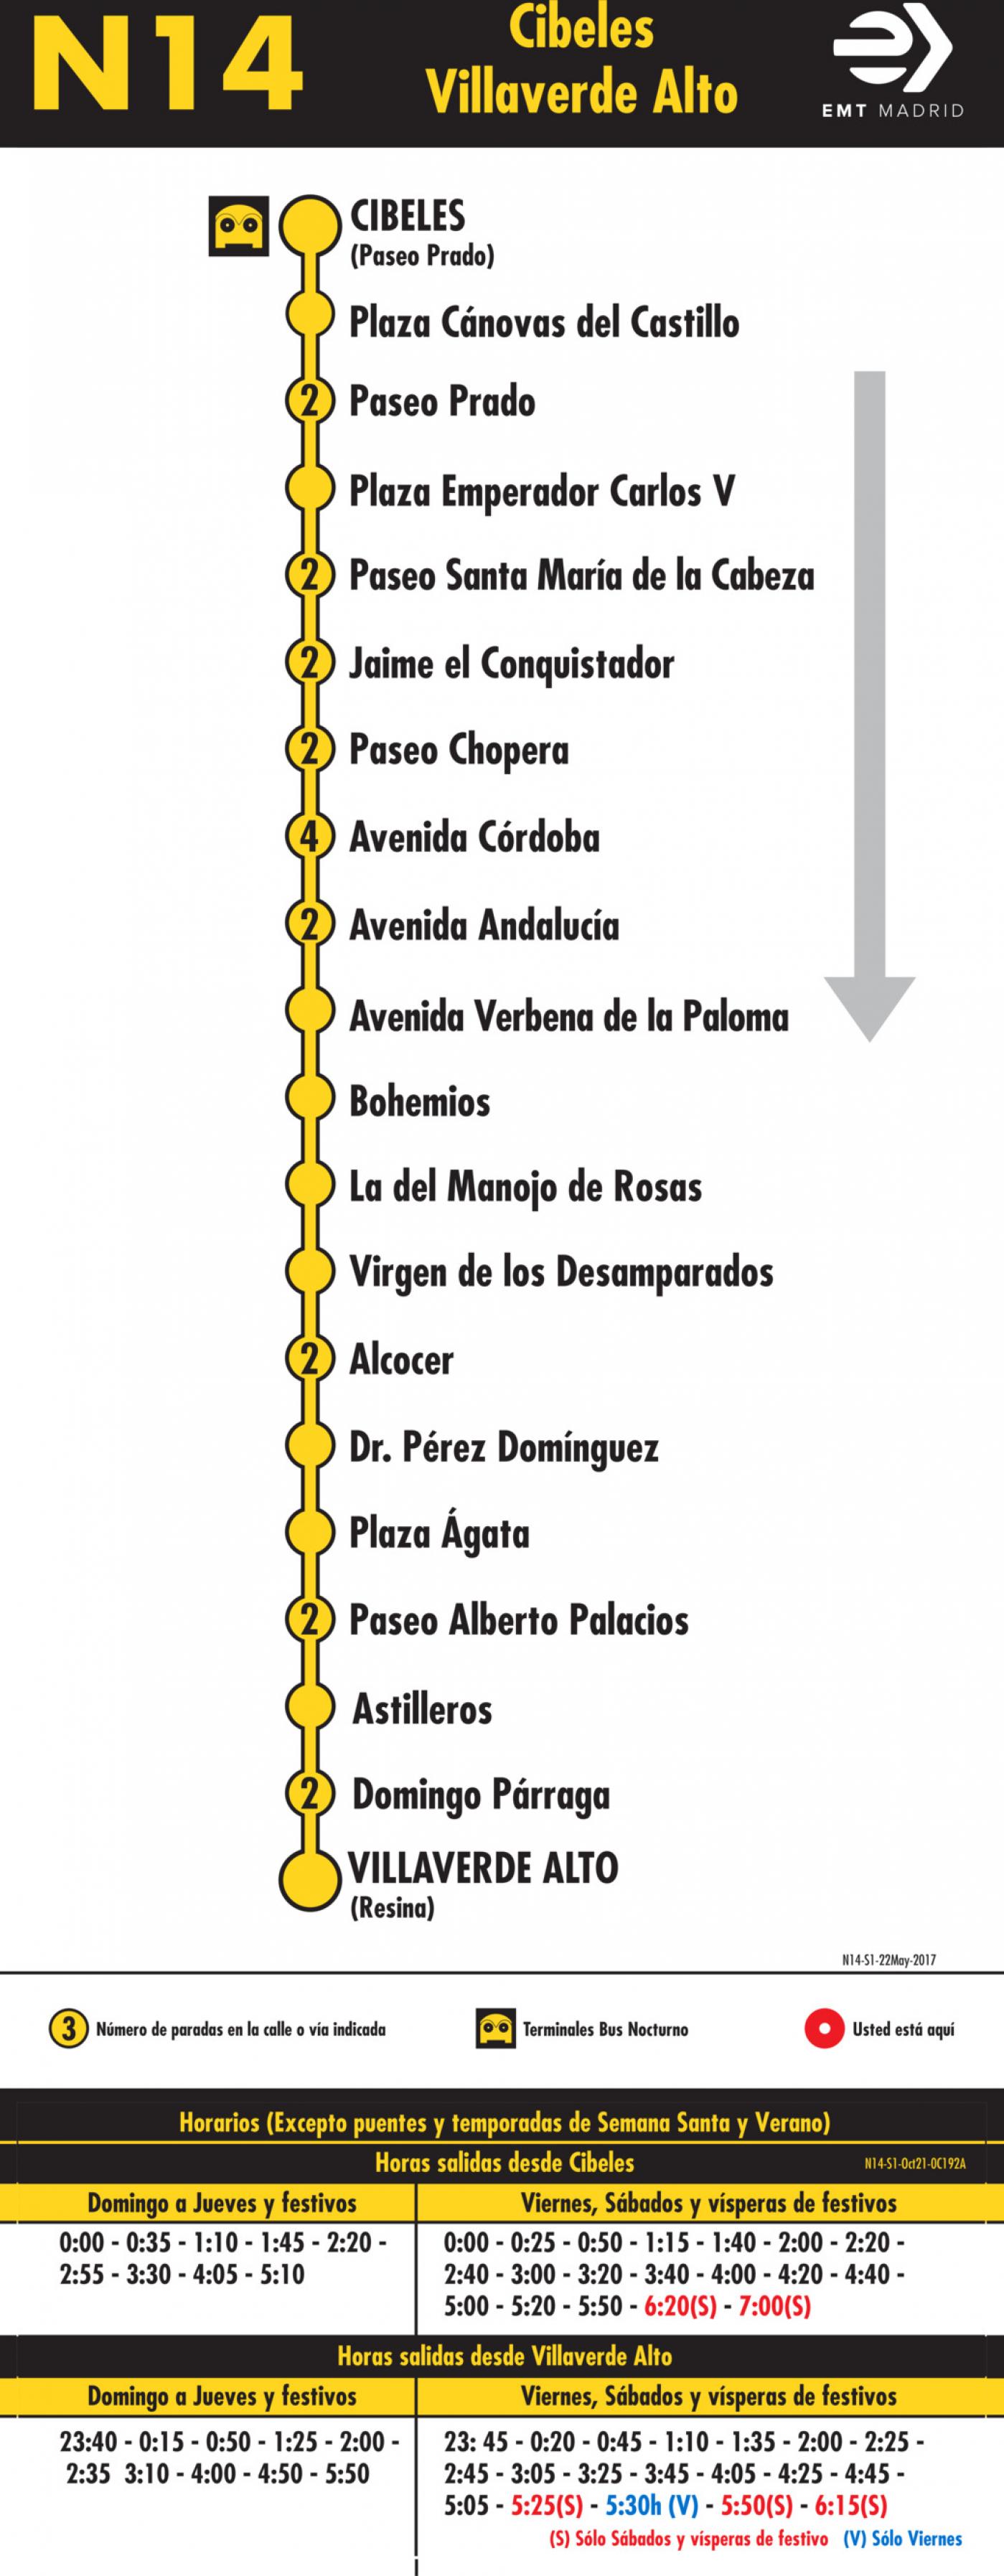 Tabla de horarios y frecuencias de paso en sentido ida Línea N14: Plaza de Cibeles - Villaverde Alto (búho)